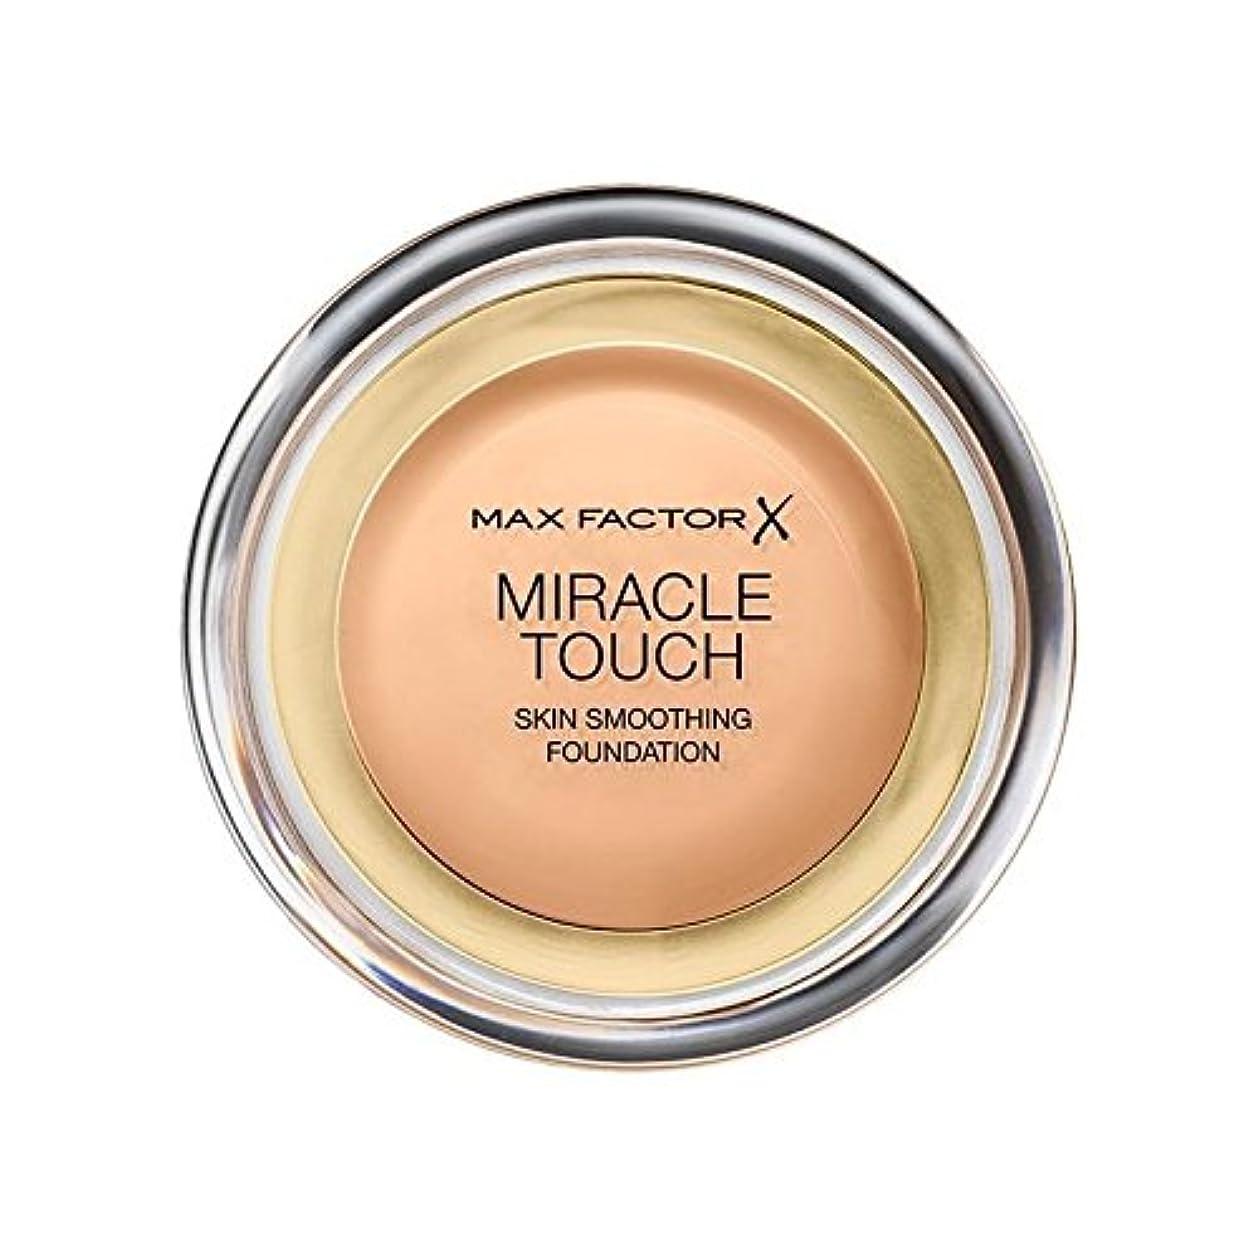 屈辱する暗唱するグリルMax Factor Miracle Touch Foundation Golden 75 - マックスファクターの奇跡のタッチ基盤黄金の75 [並行輸入品]